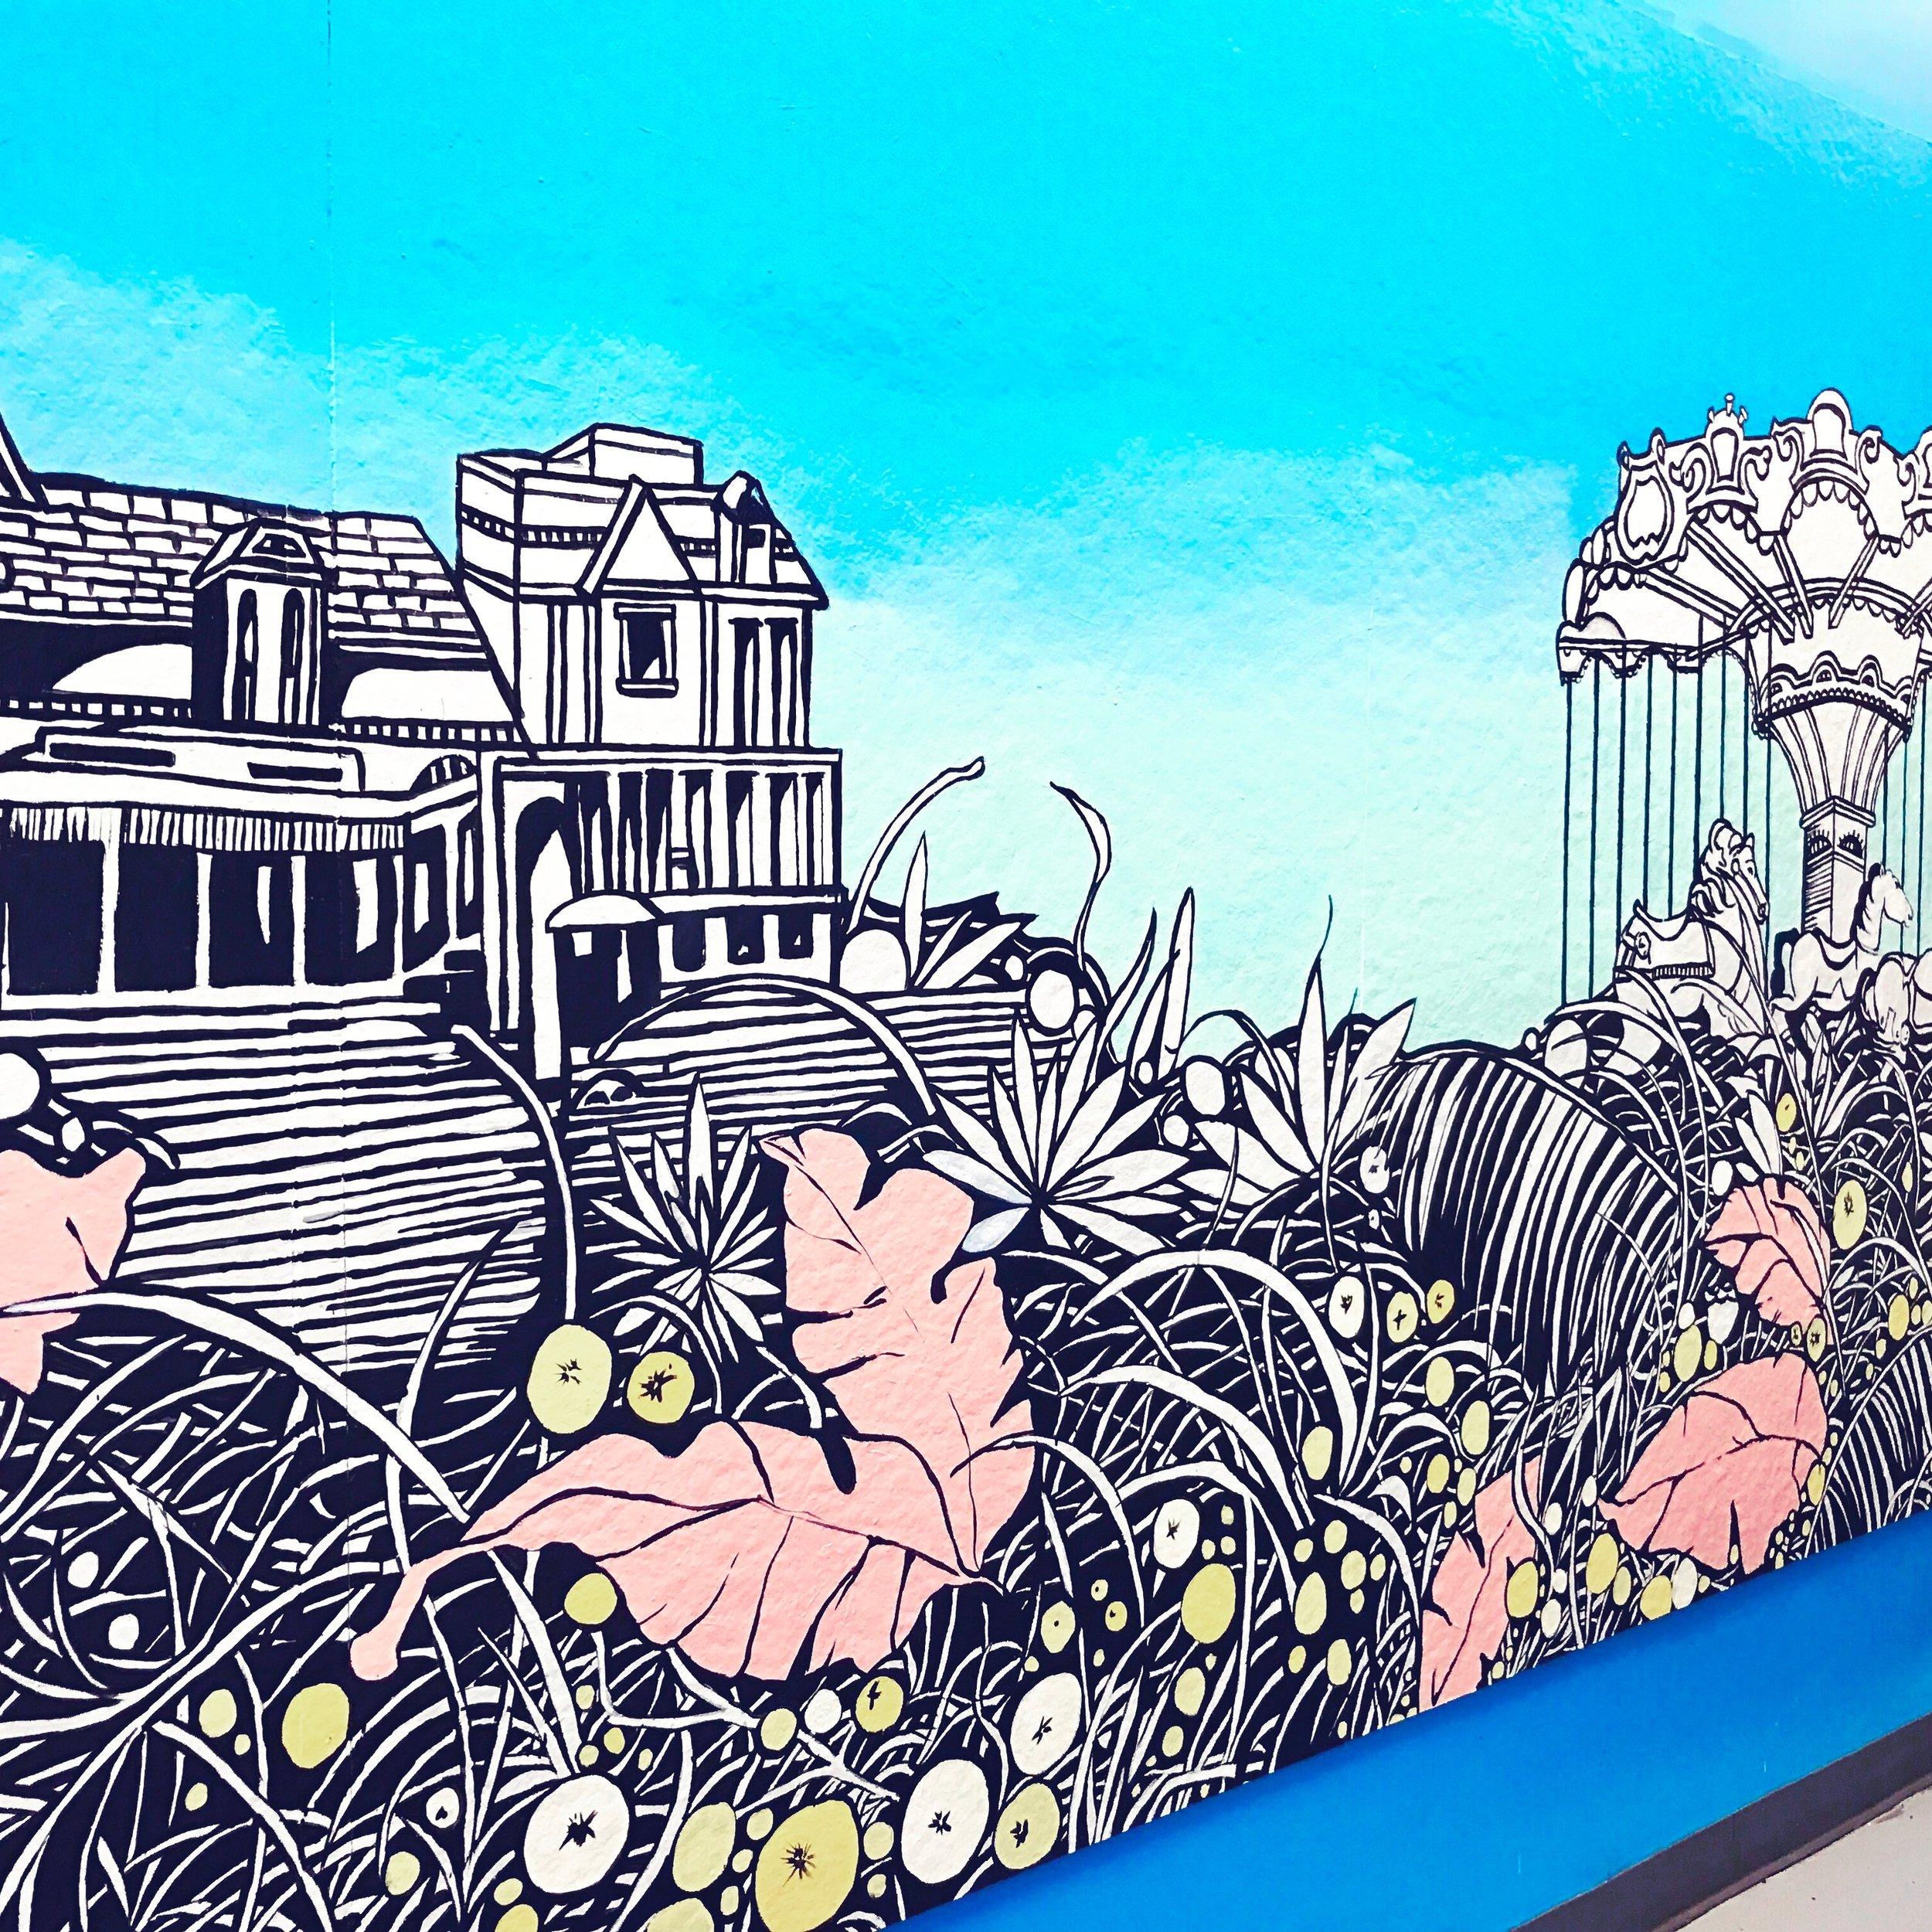 Photo Priscila De Carvalho, Mural (detail image), 2017